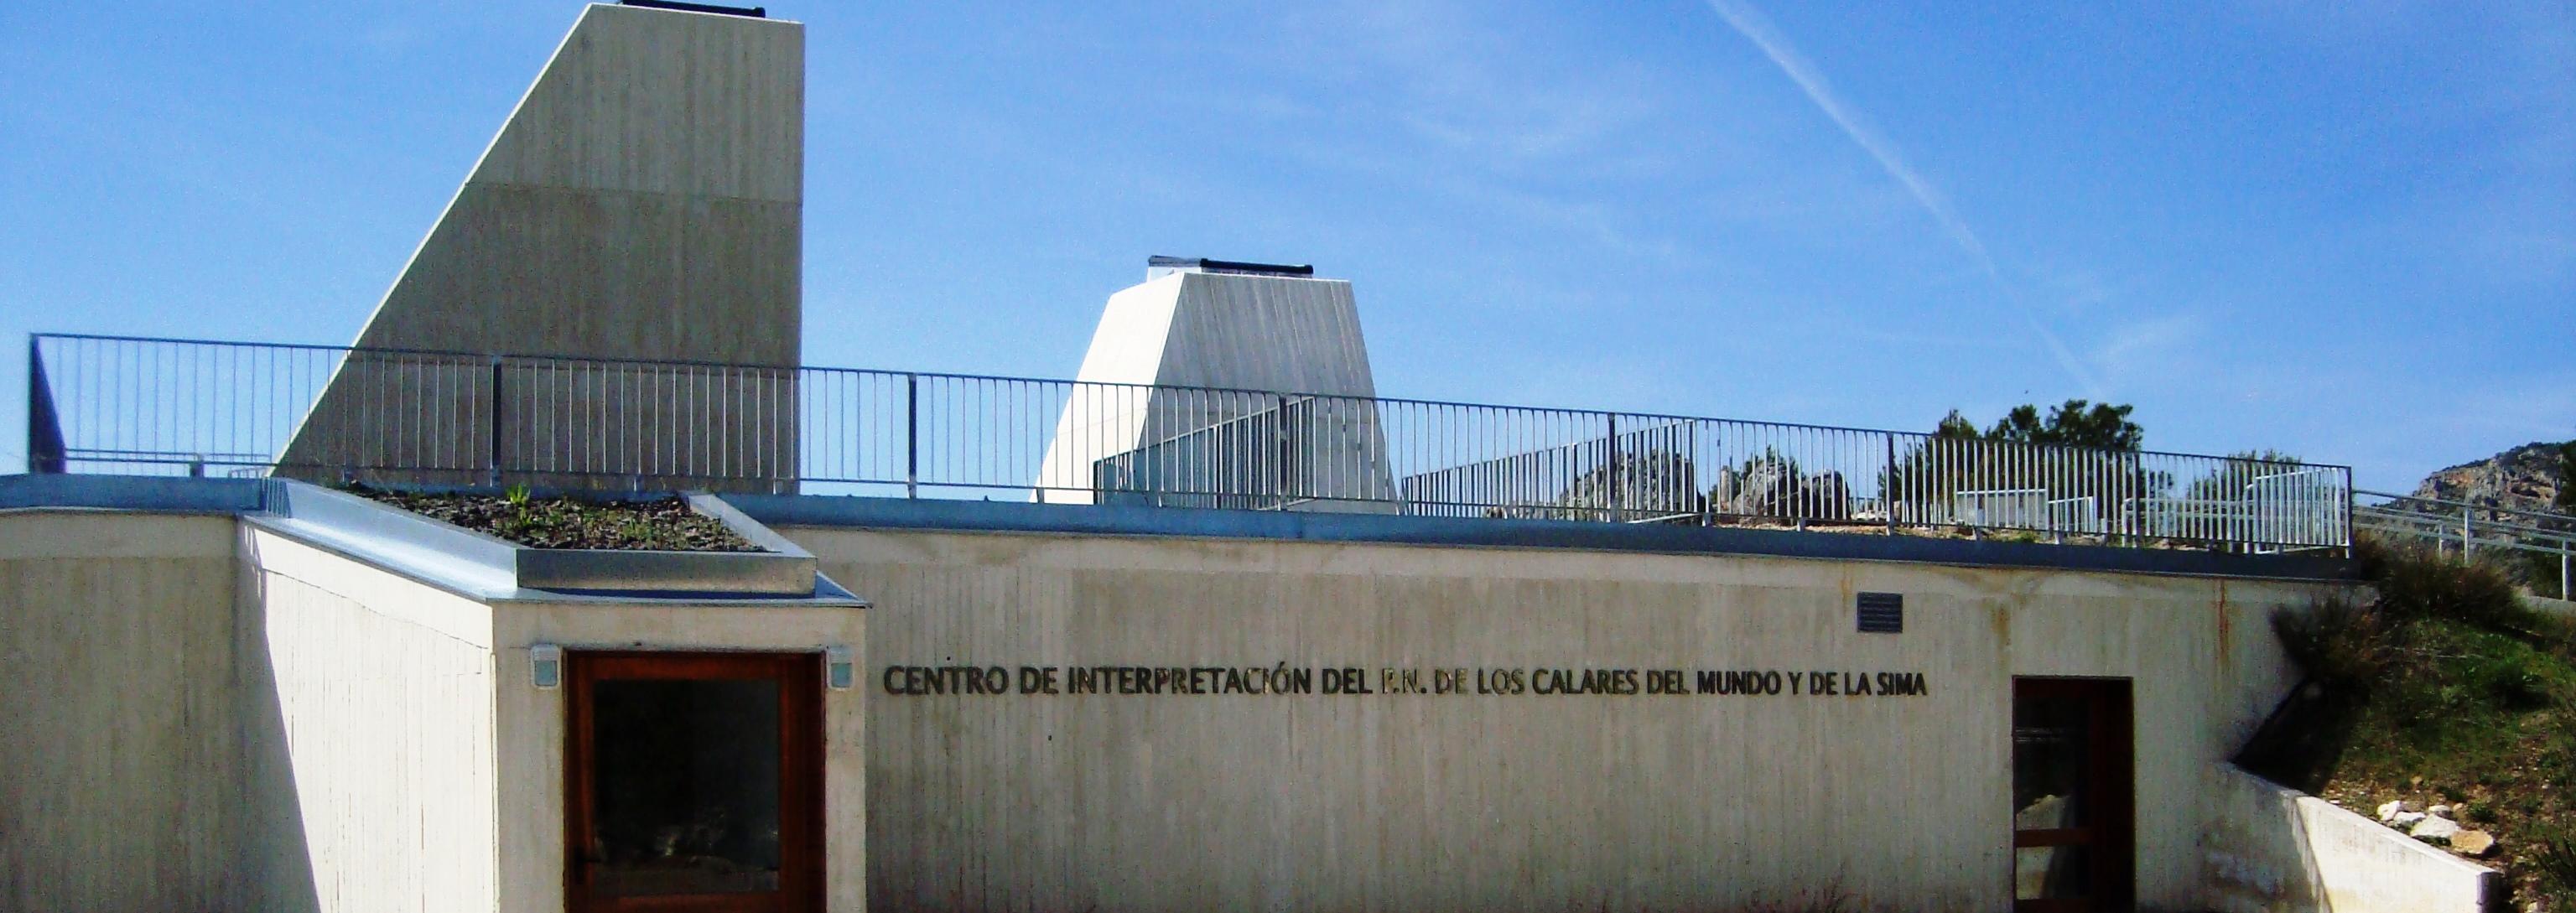 Exterior del centro de Interpretación